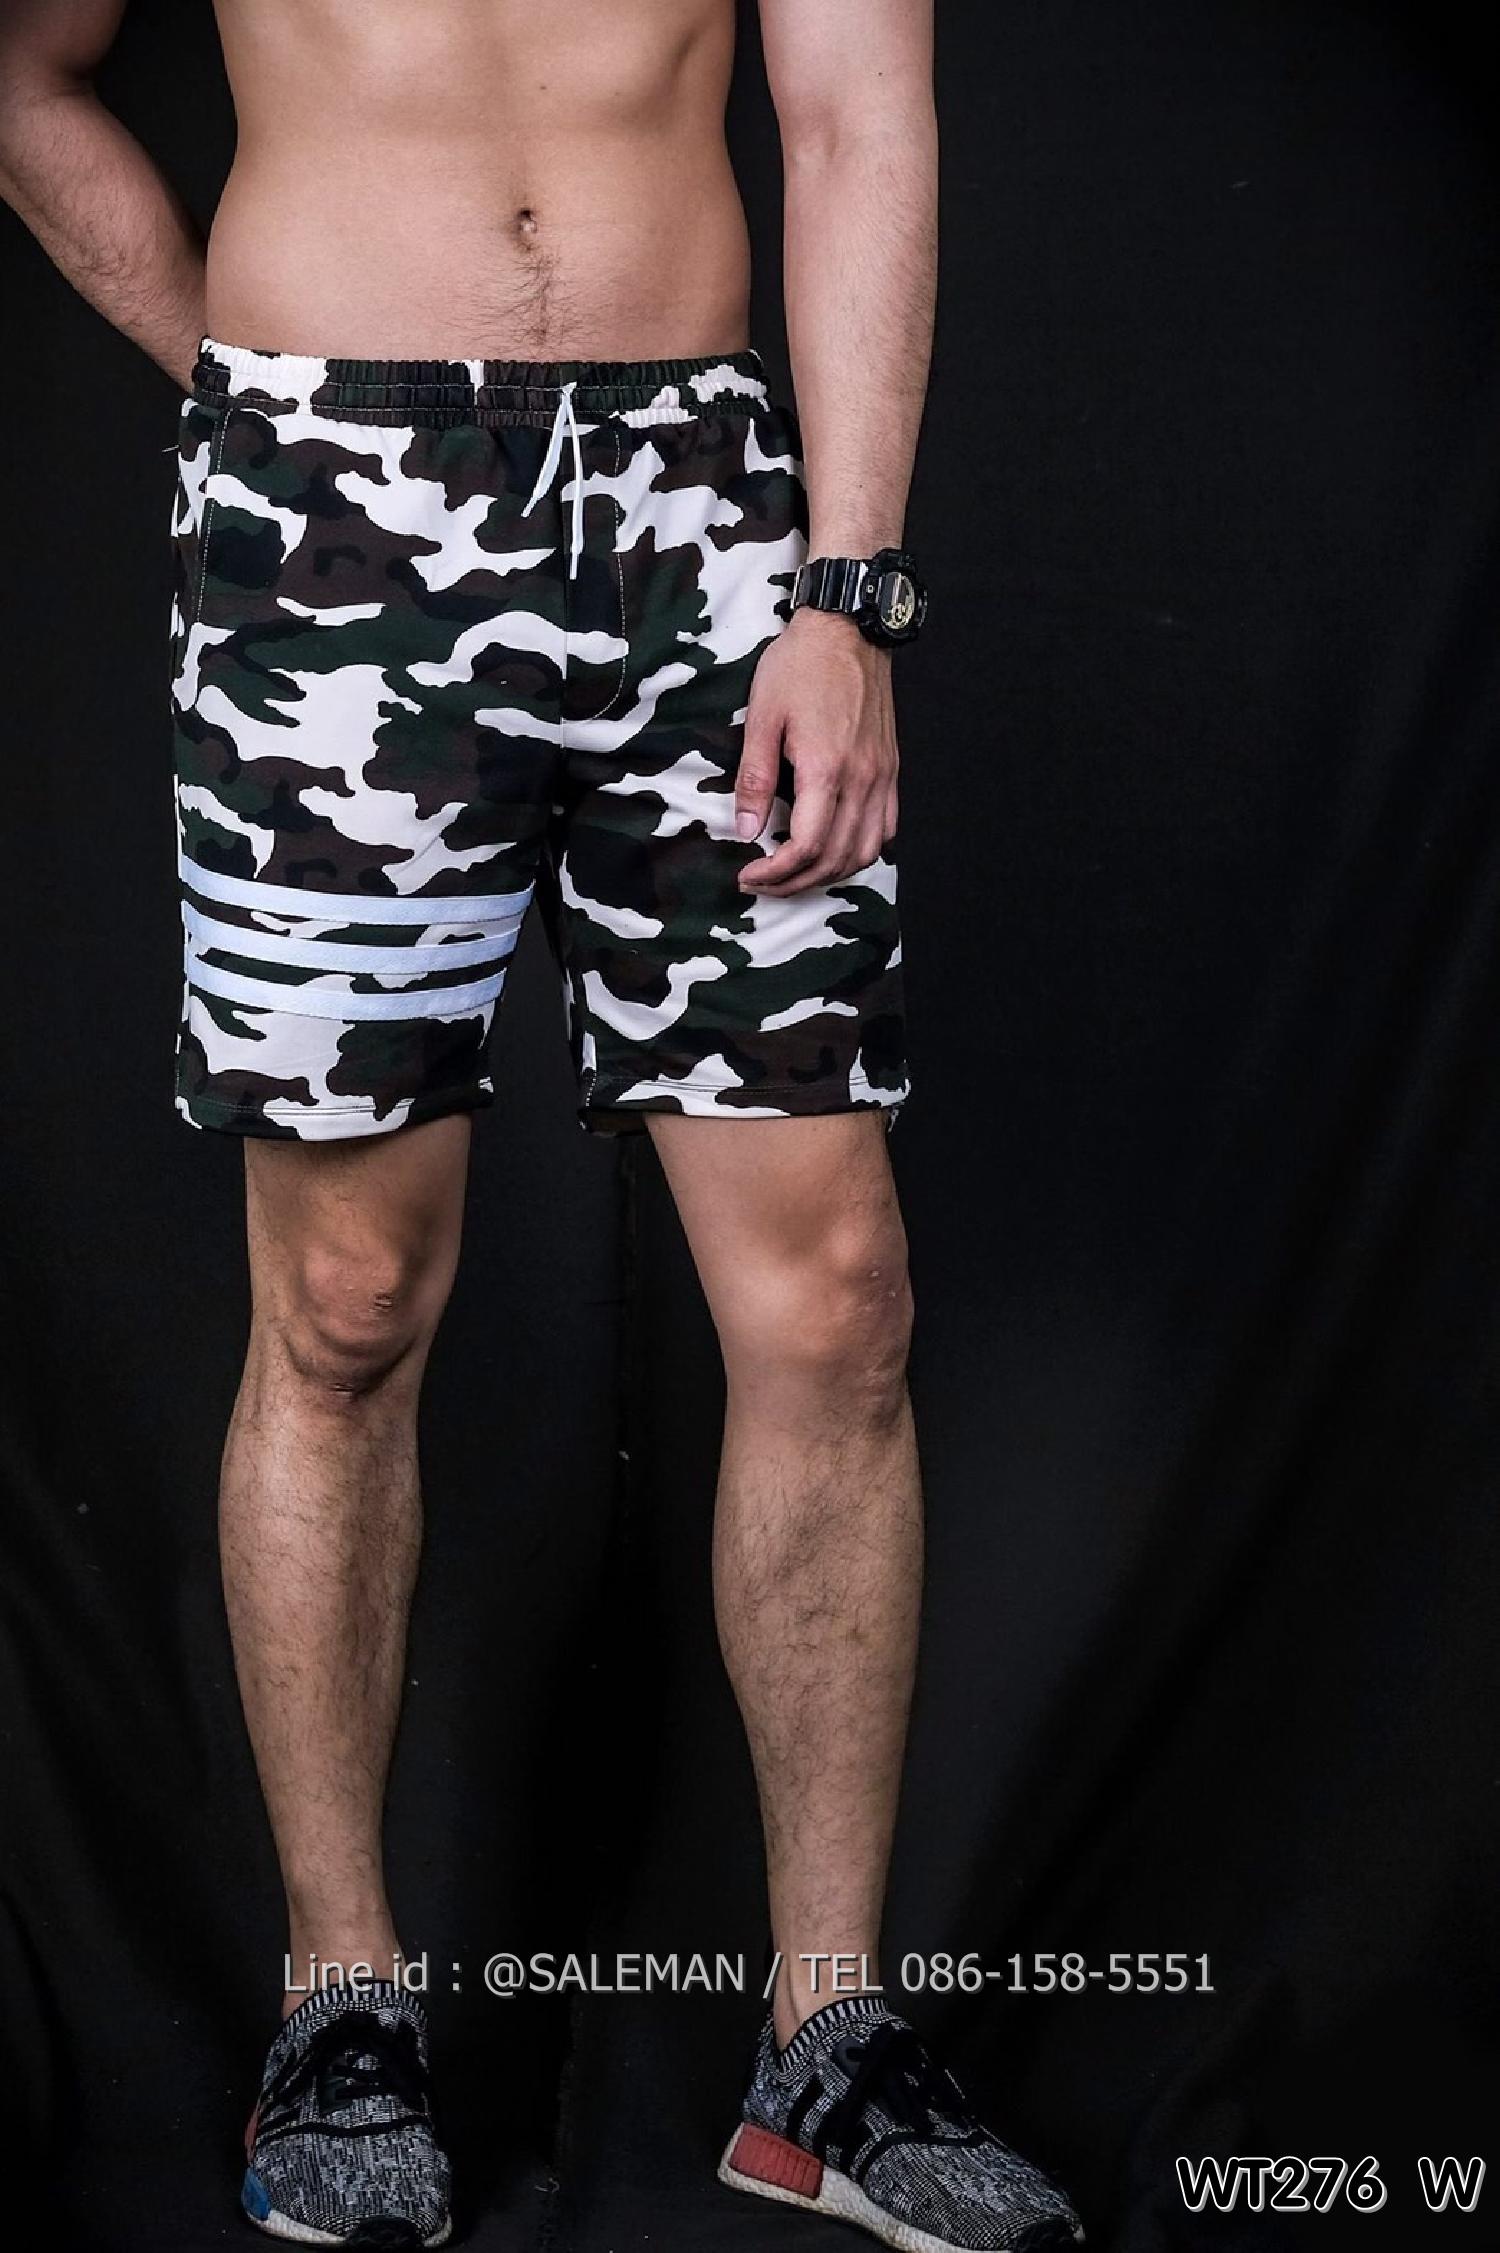 กางเกงขาสั้น SPORT รหัสWT276 W ทหาร แถบขาว